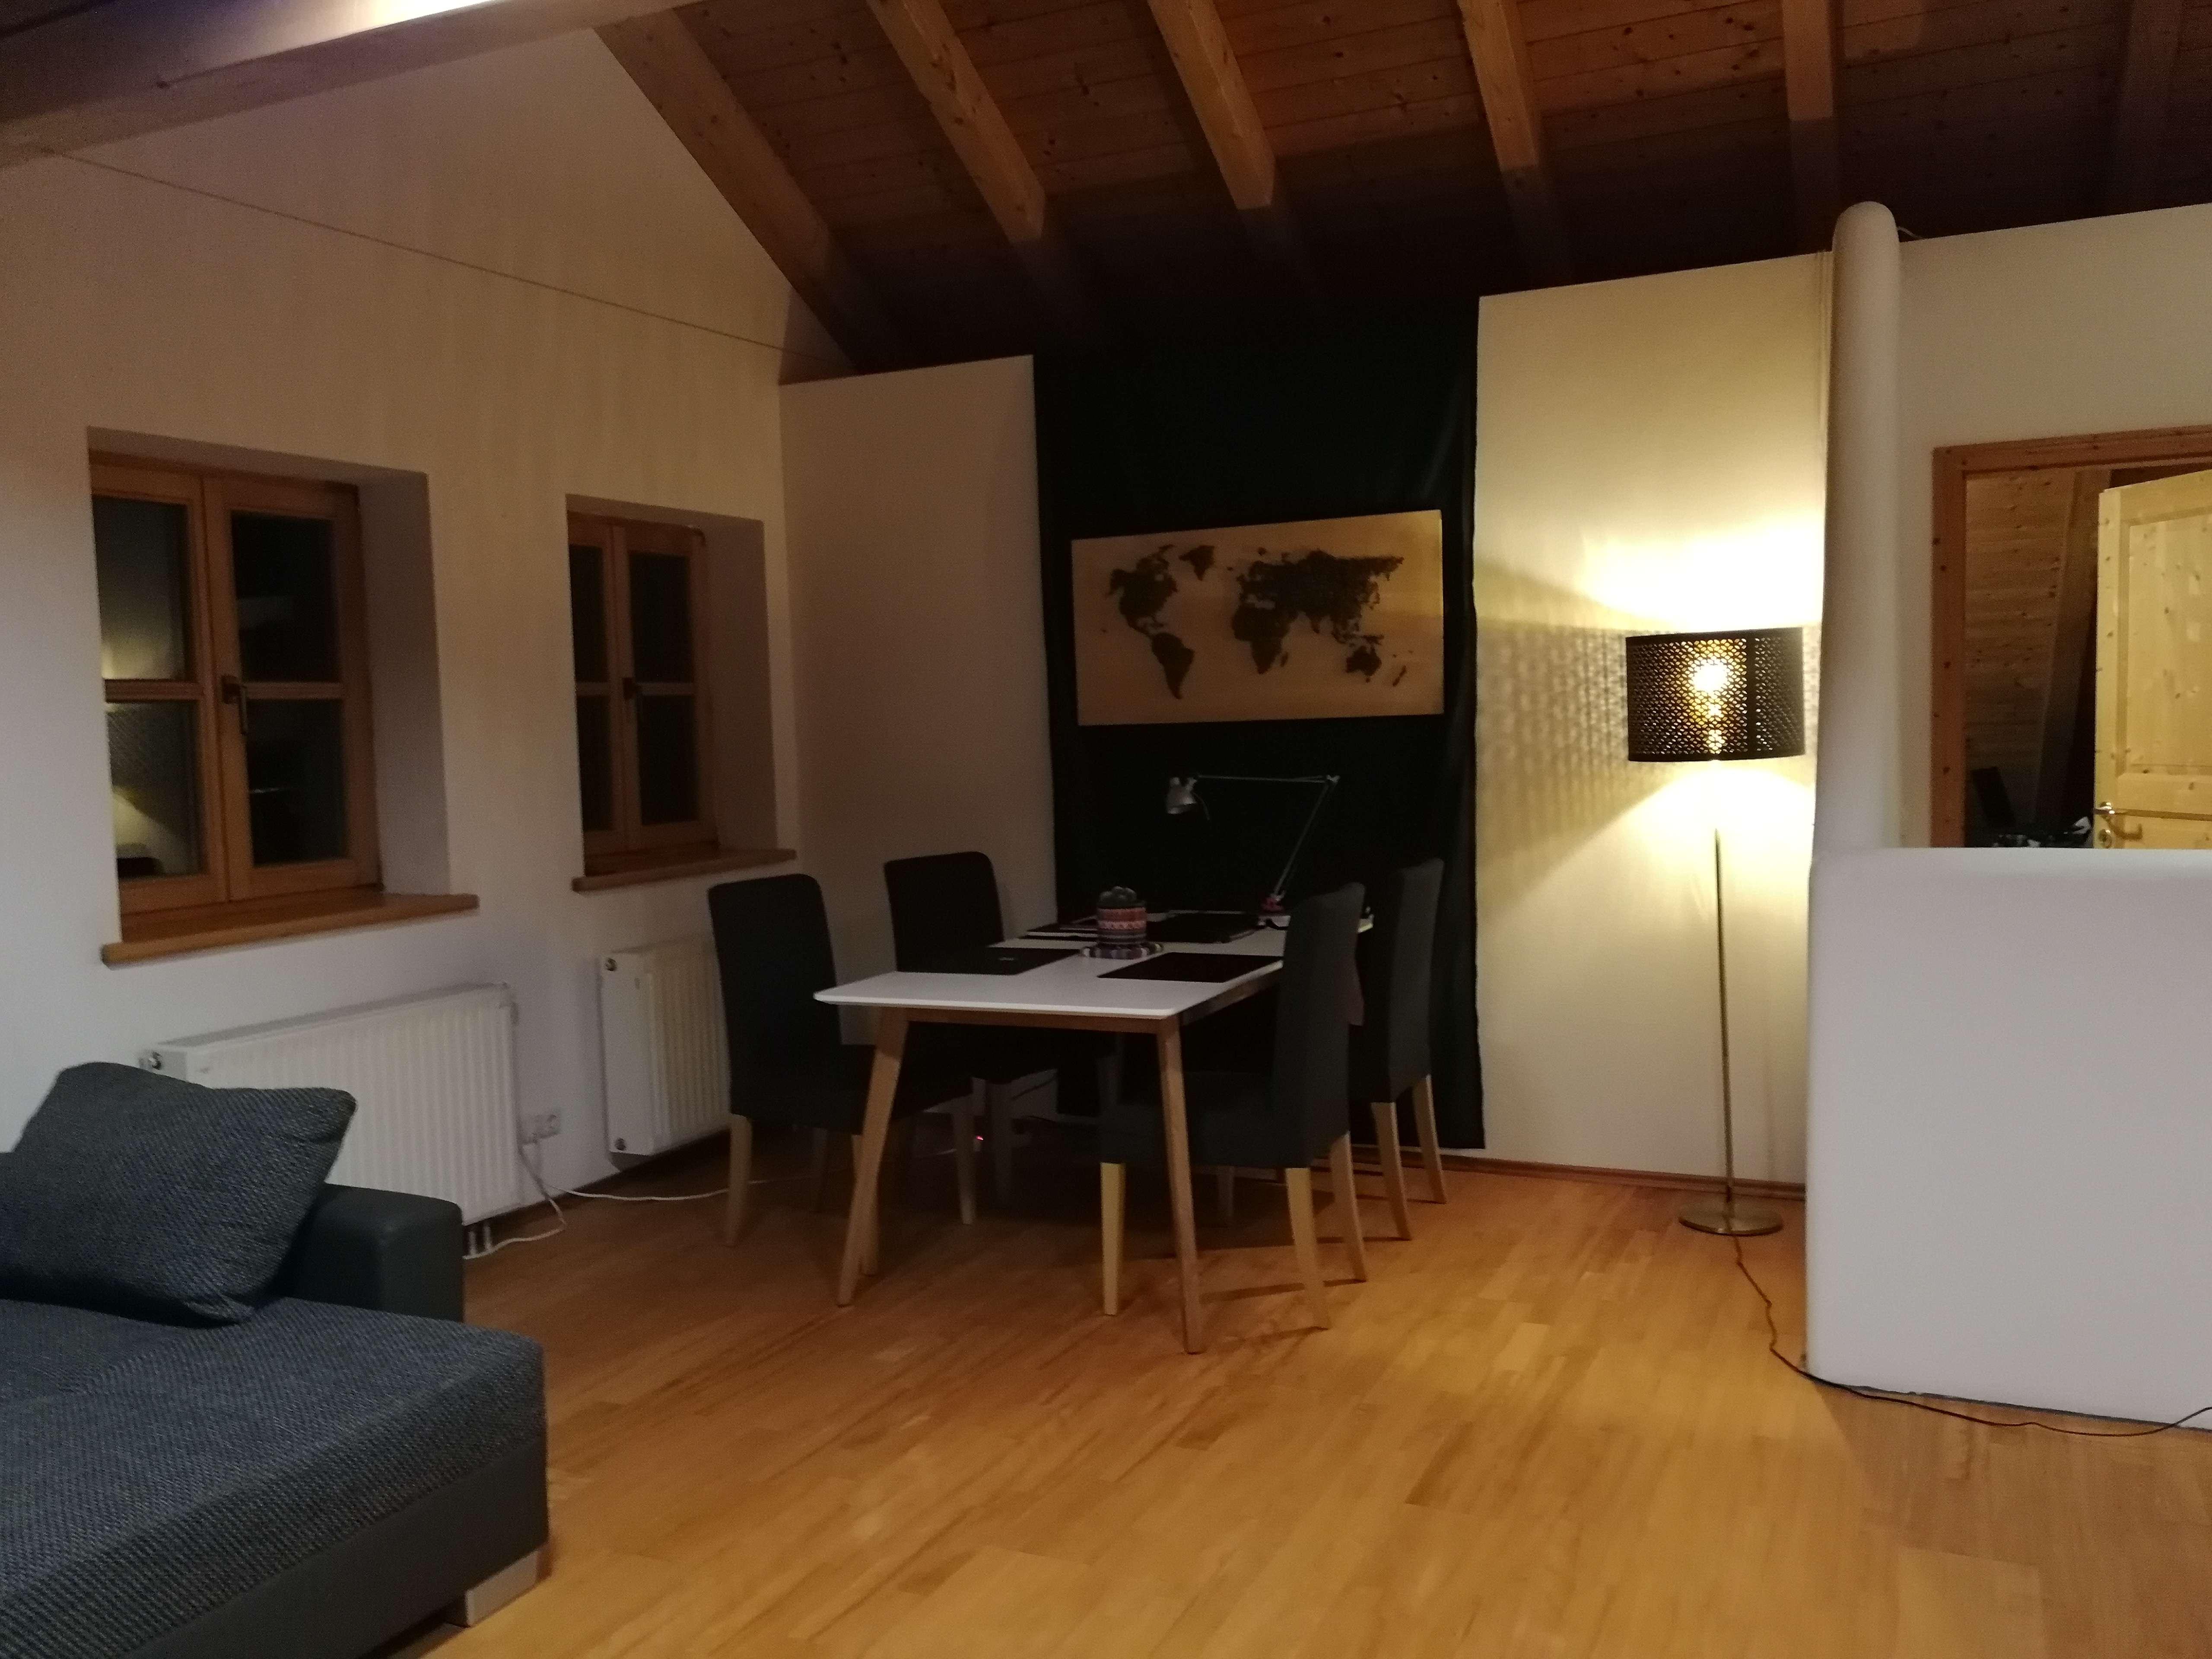 Gemütliche, helle 2-Zimmer-Dachgeschosswohnung in Otterfing